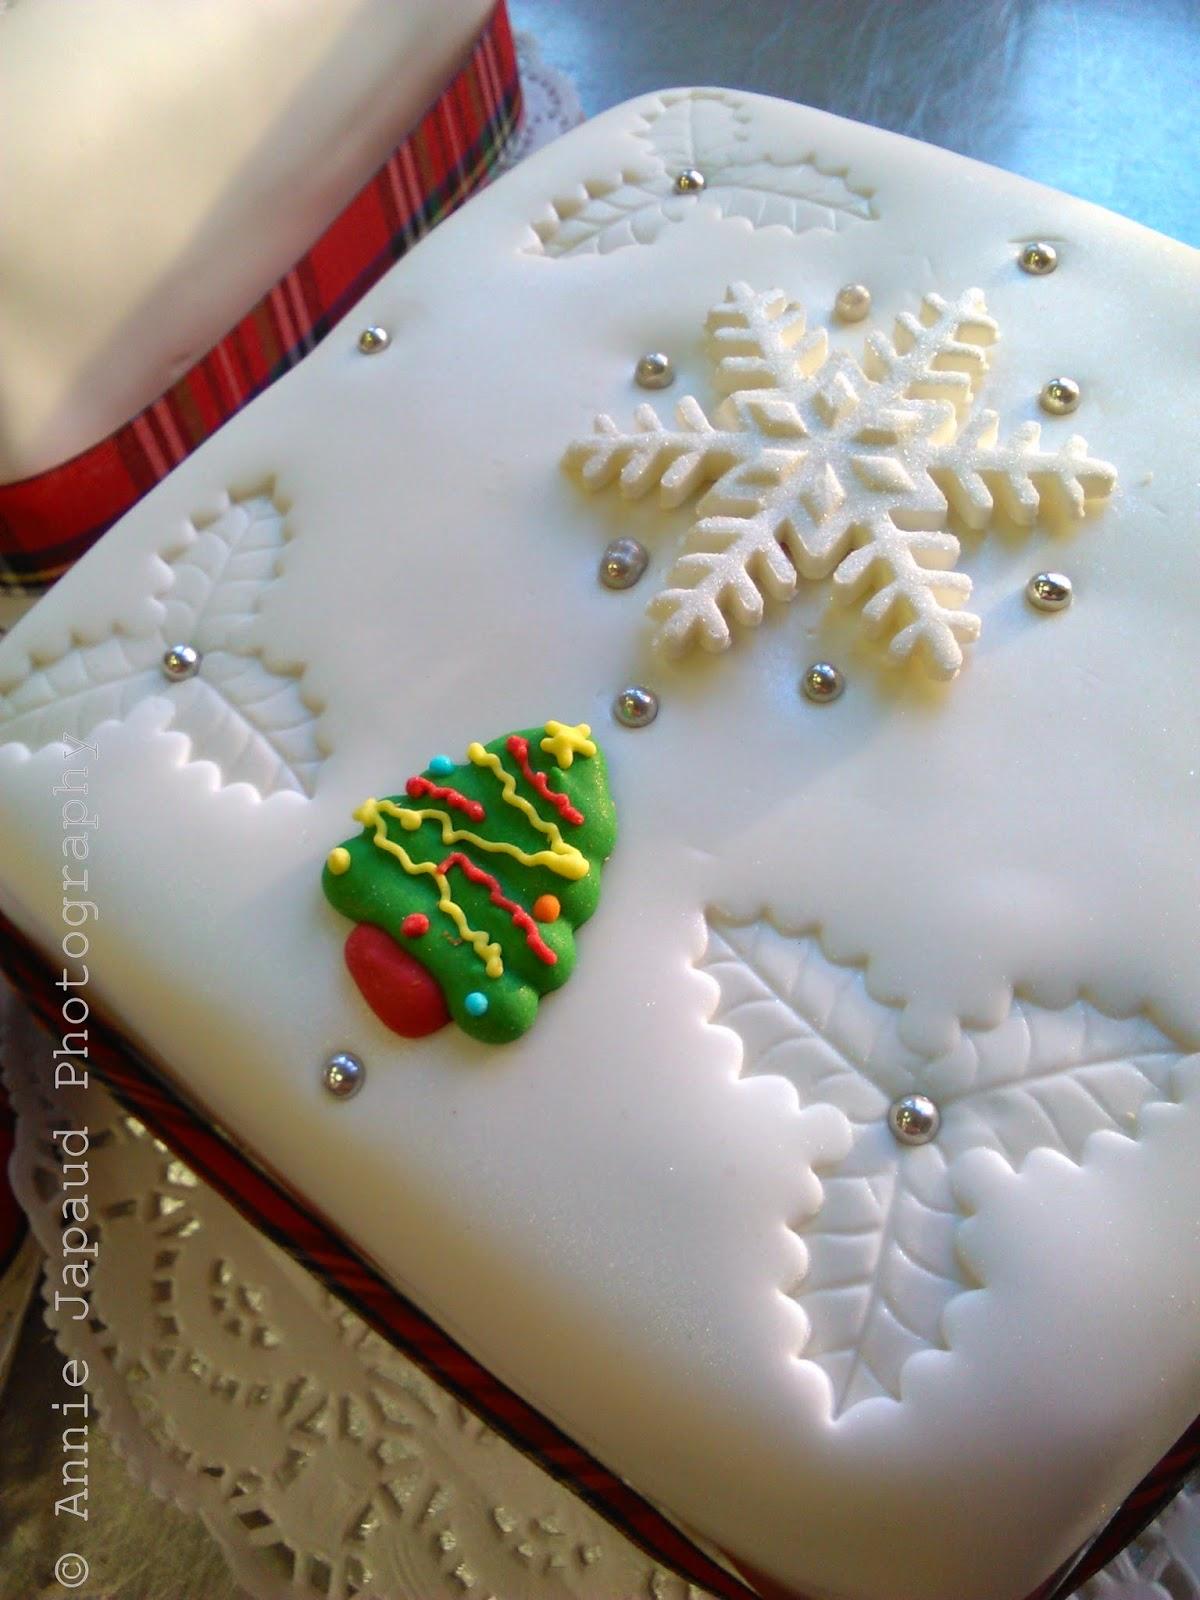 image of a Christmas cake